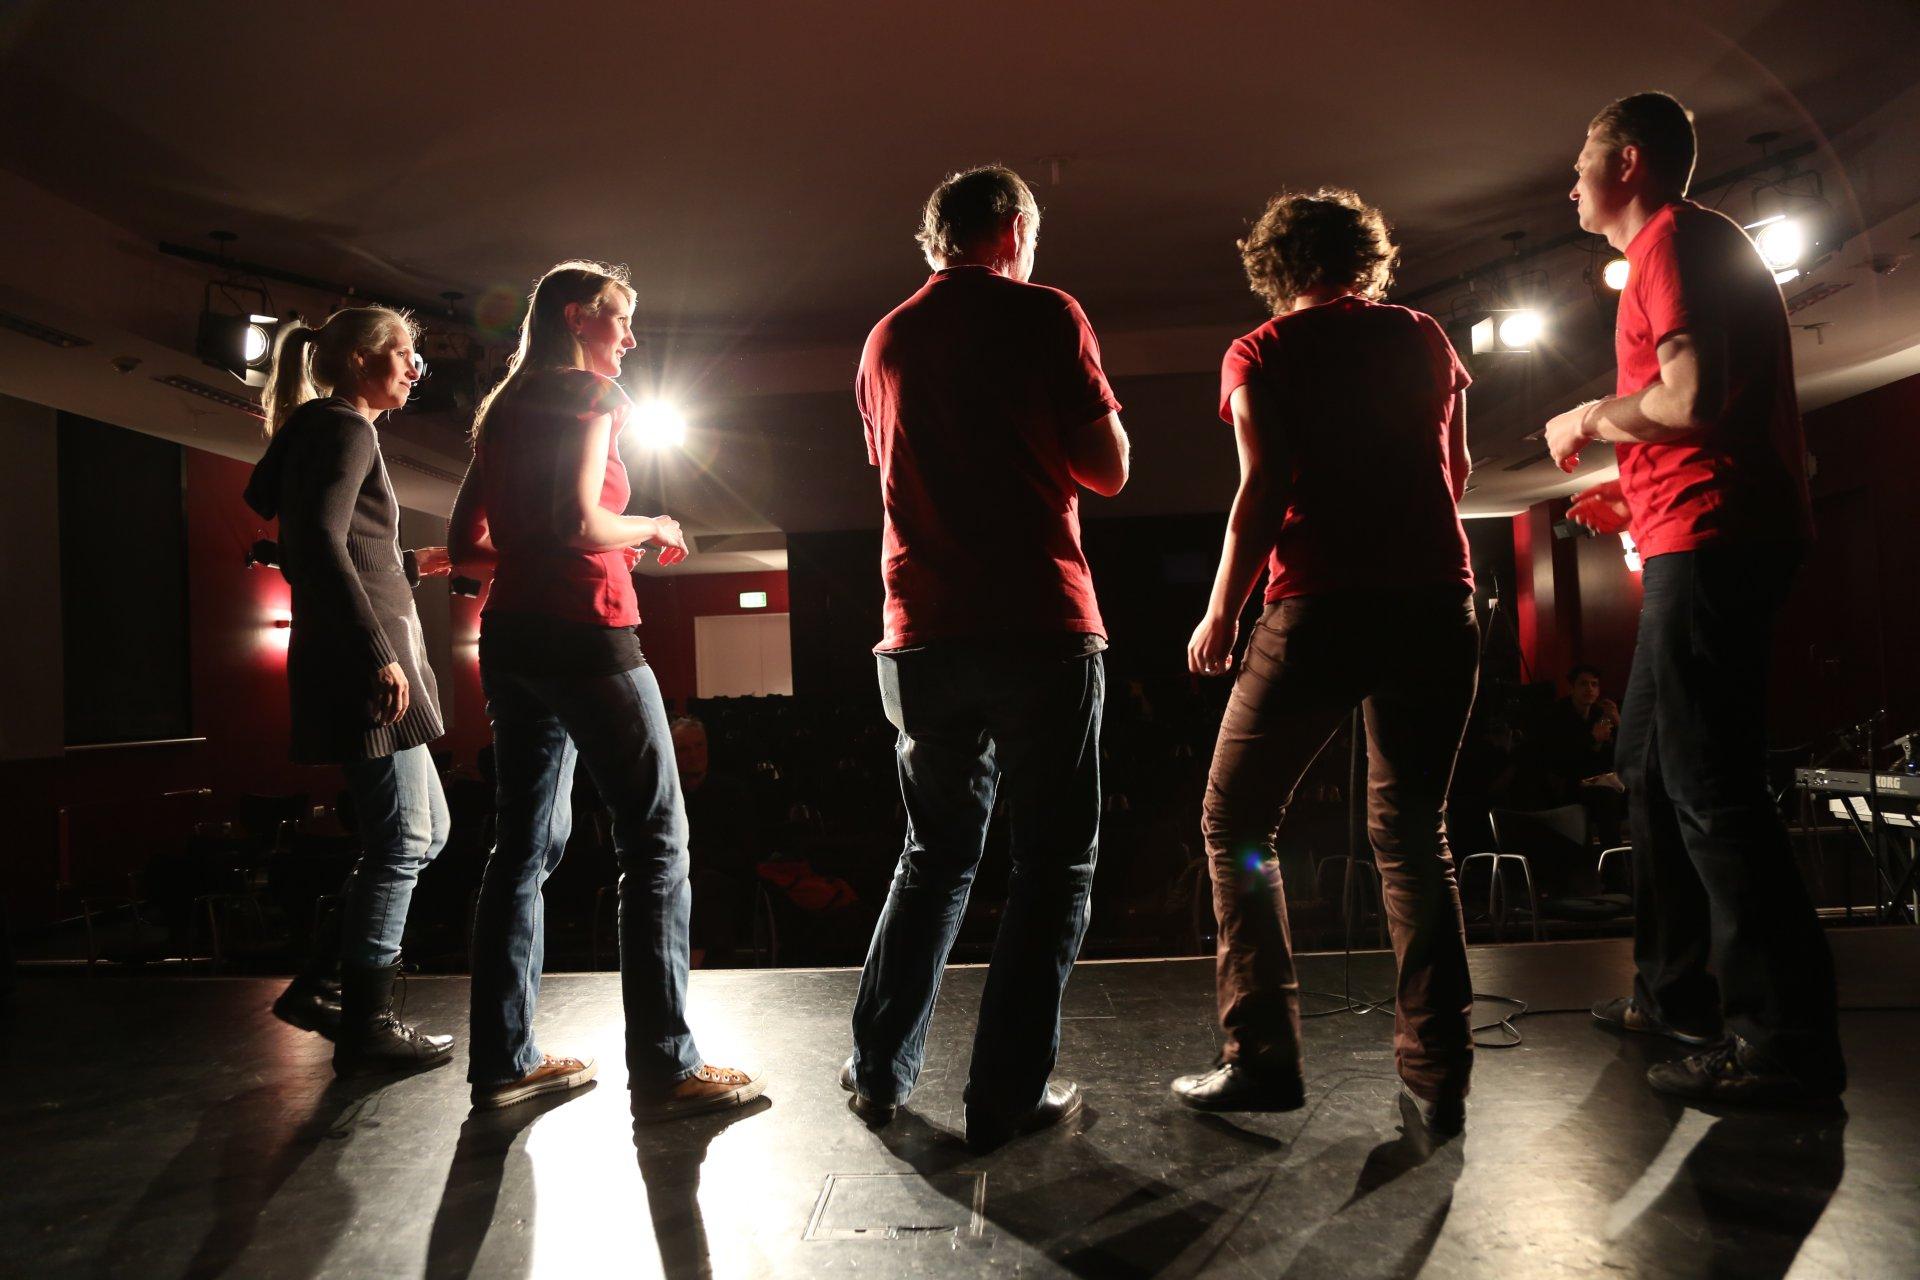 Neue Spielzeit, neuer Workshop: Erobert am 2.9. selbst die Impro-Bühne!